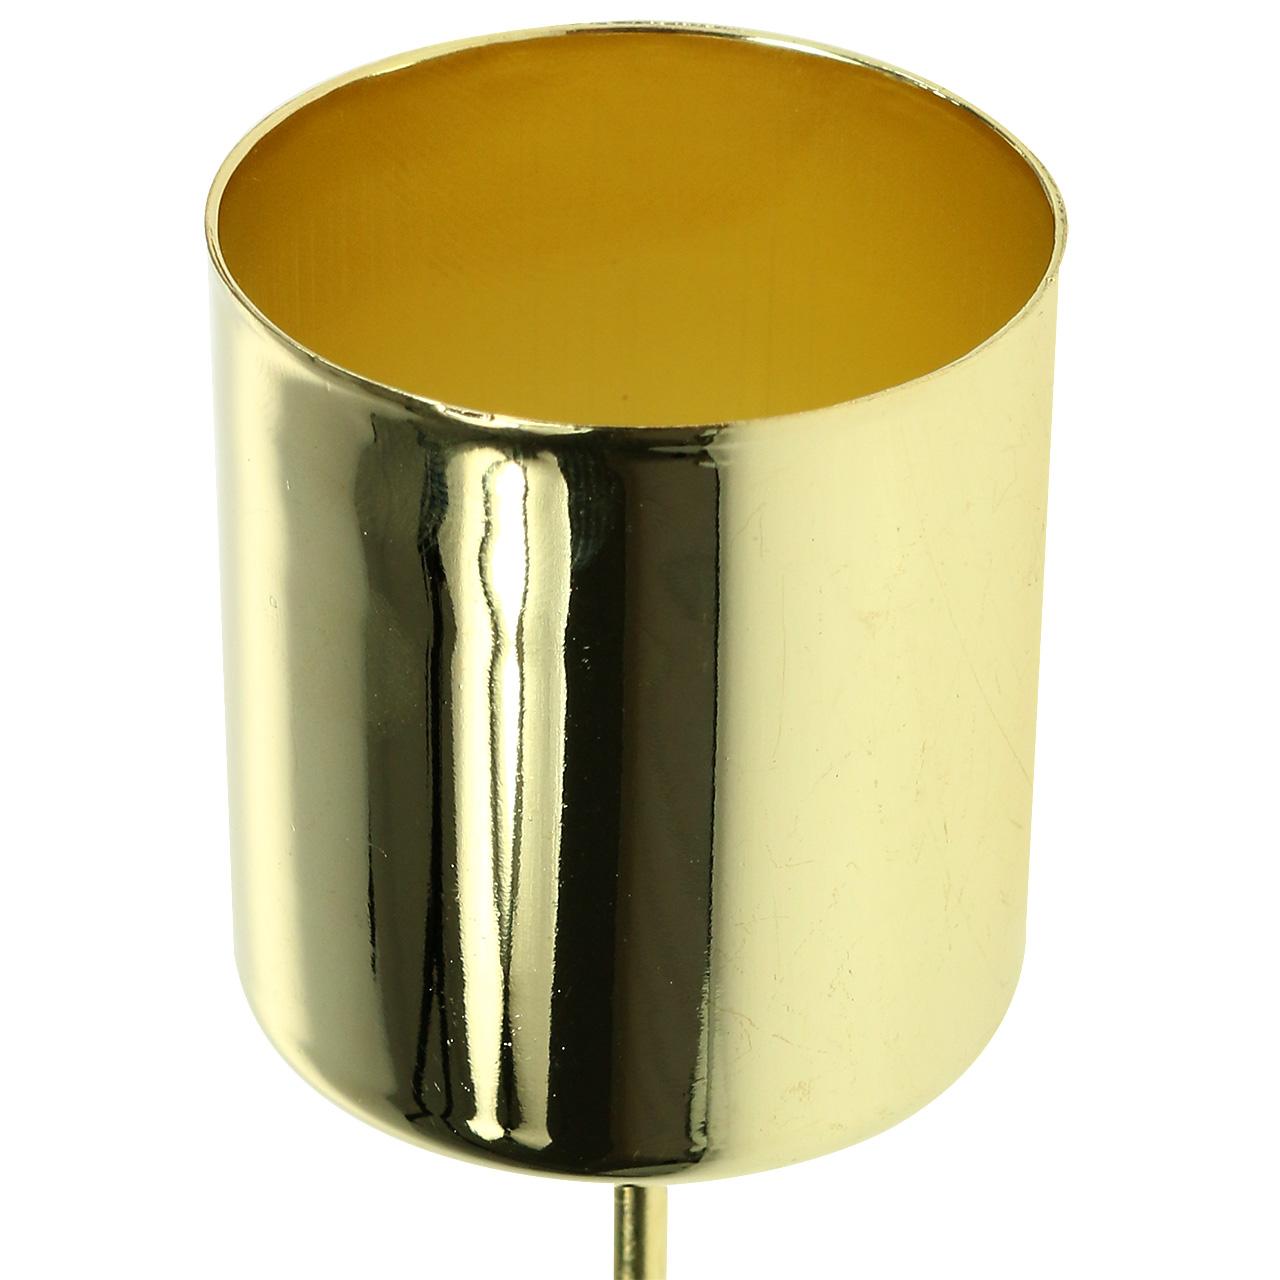 kerzenhalter f r stabkerzen gold 3 5cm h4cm 4st kaufen in. Black Bedroom Furniture Sets. Home Design Ideas